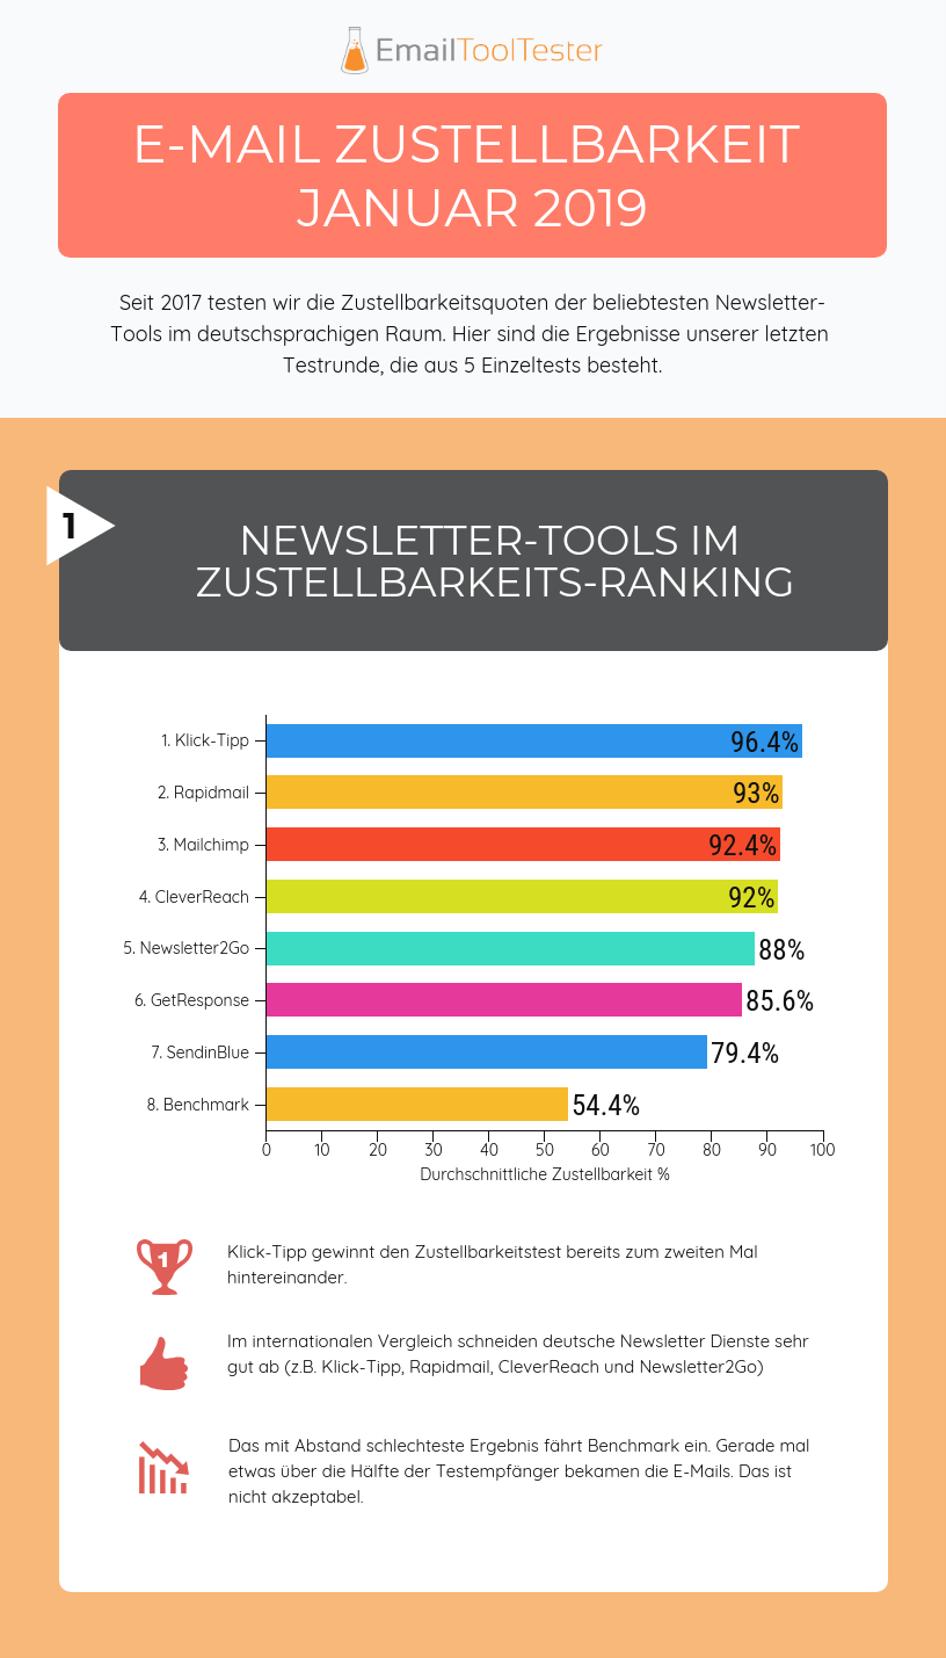 Newsletter-Tools im Zustellbarkeits-Ranking